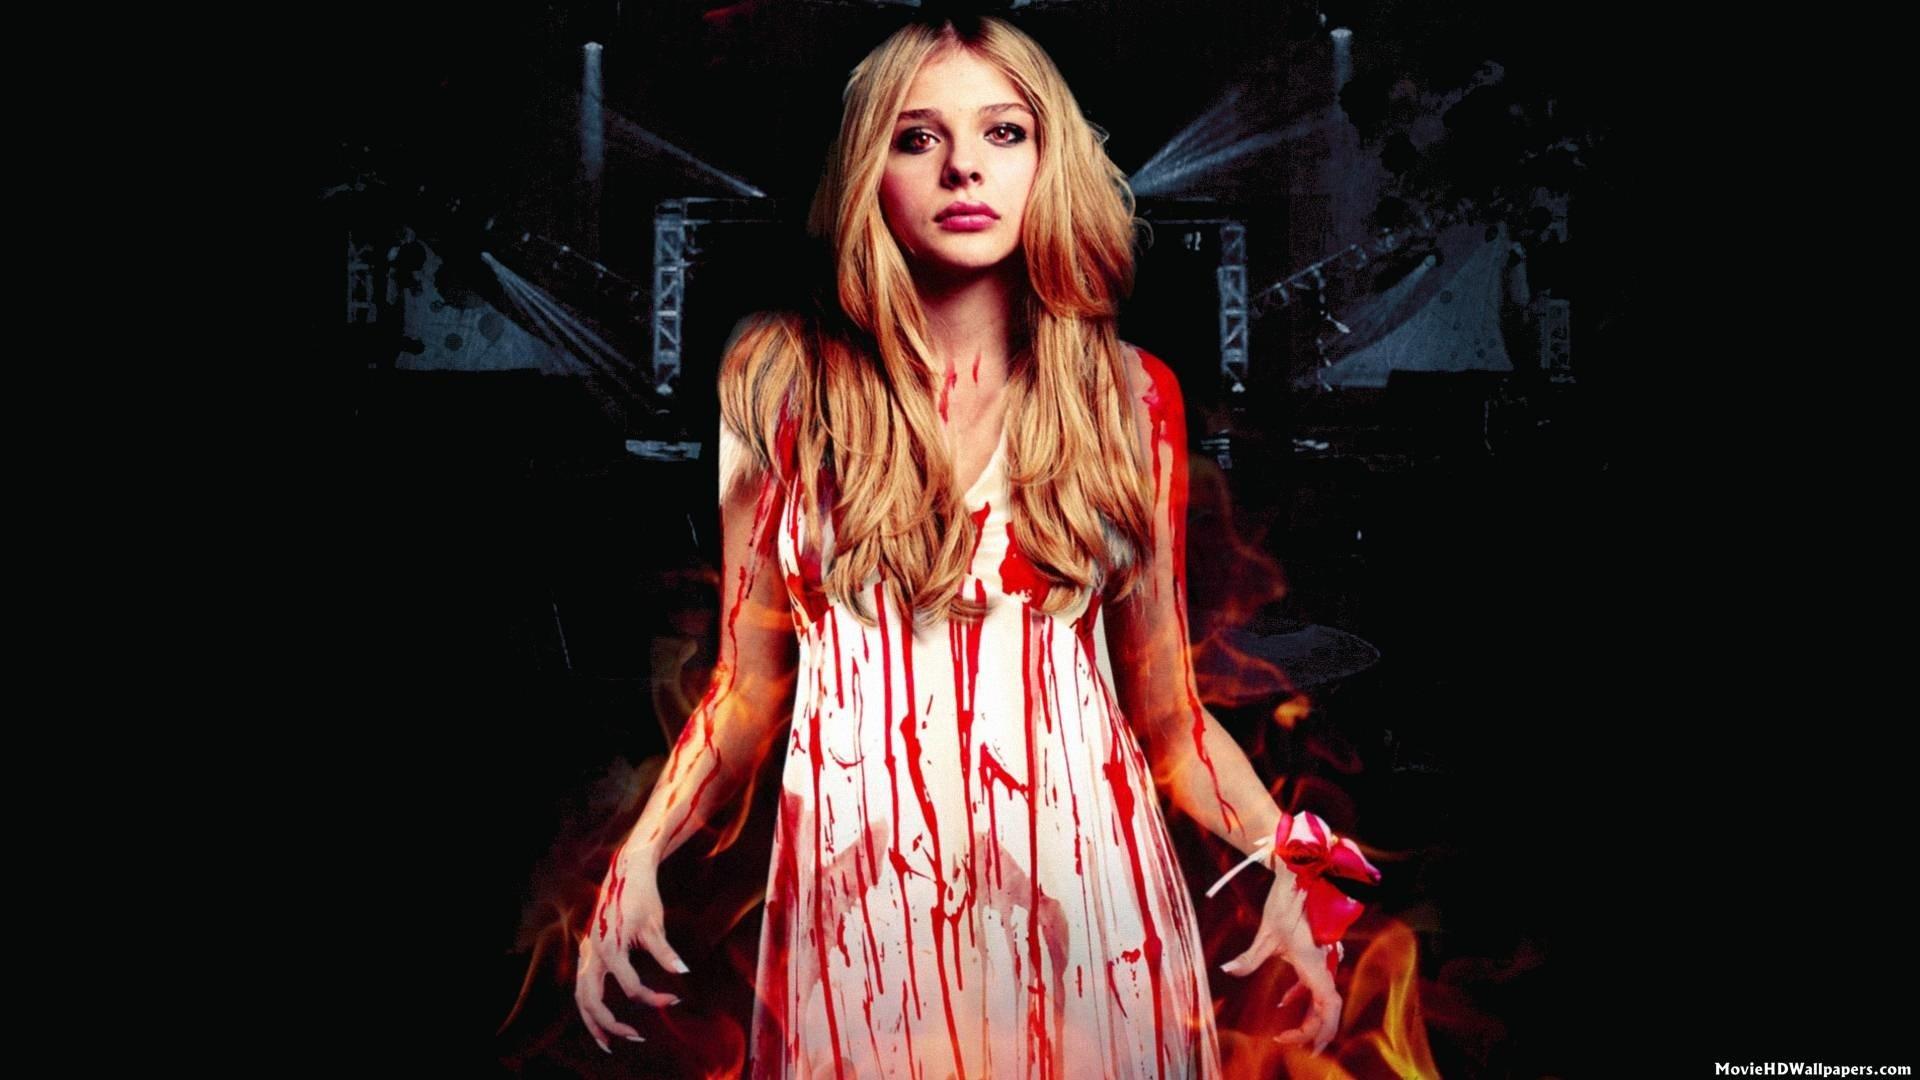 Mujeres de terror: 10 nuevas scream queens del cine actual